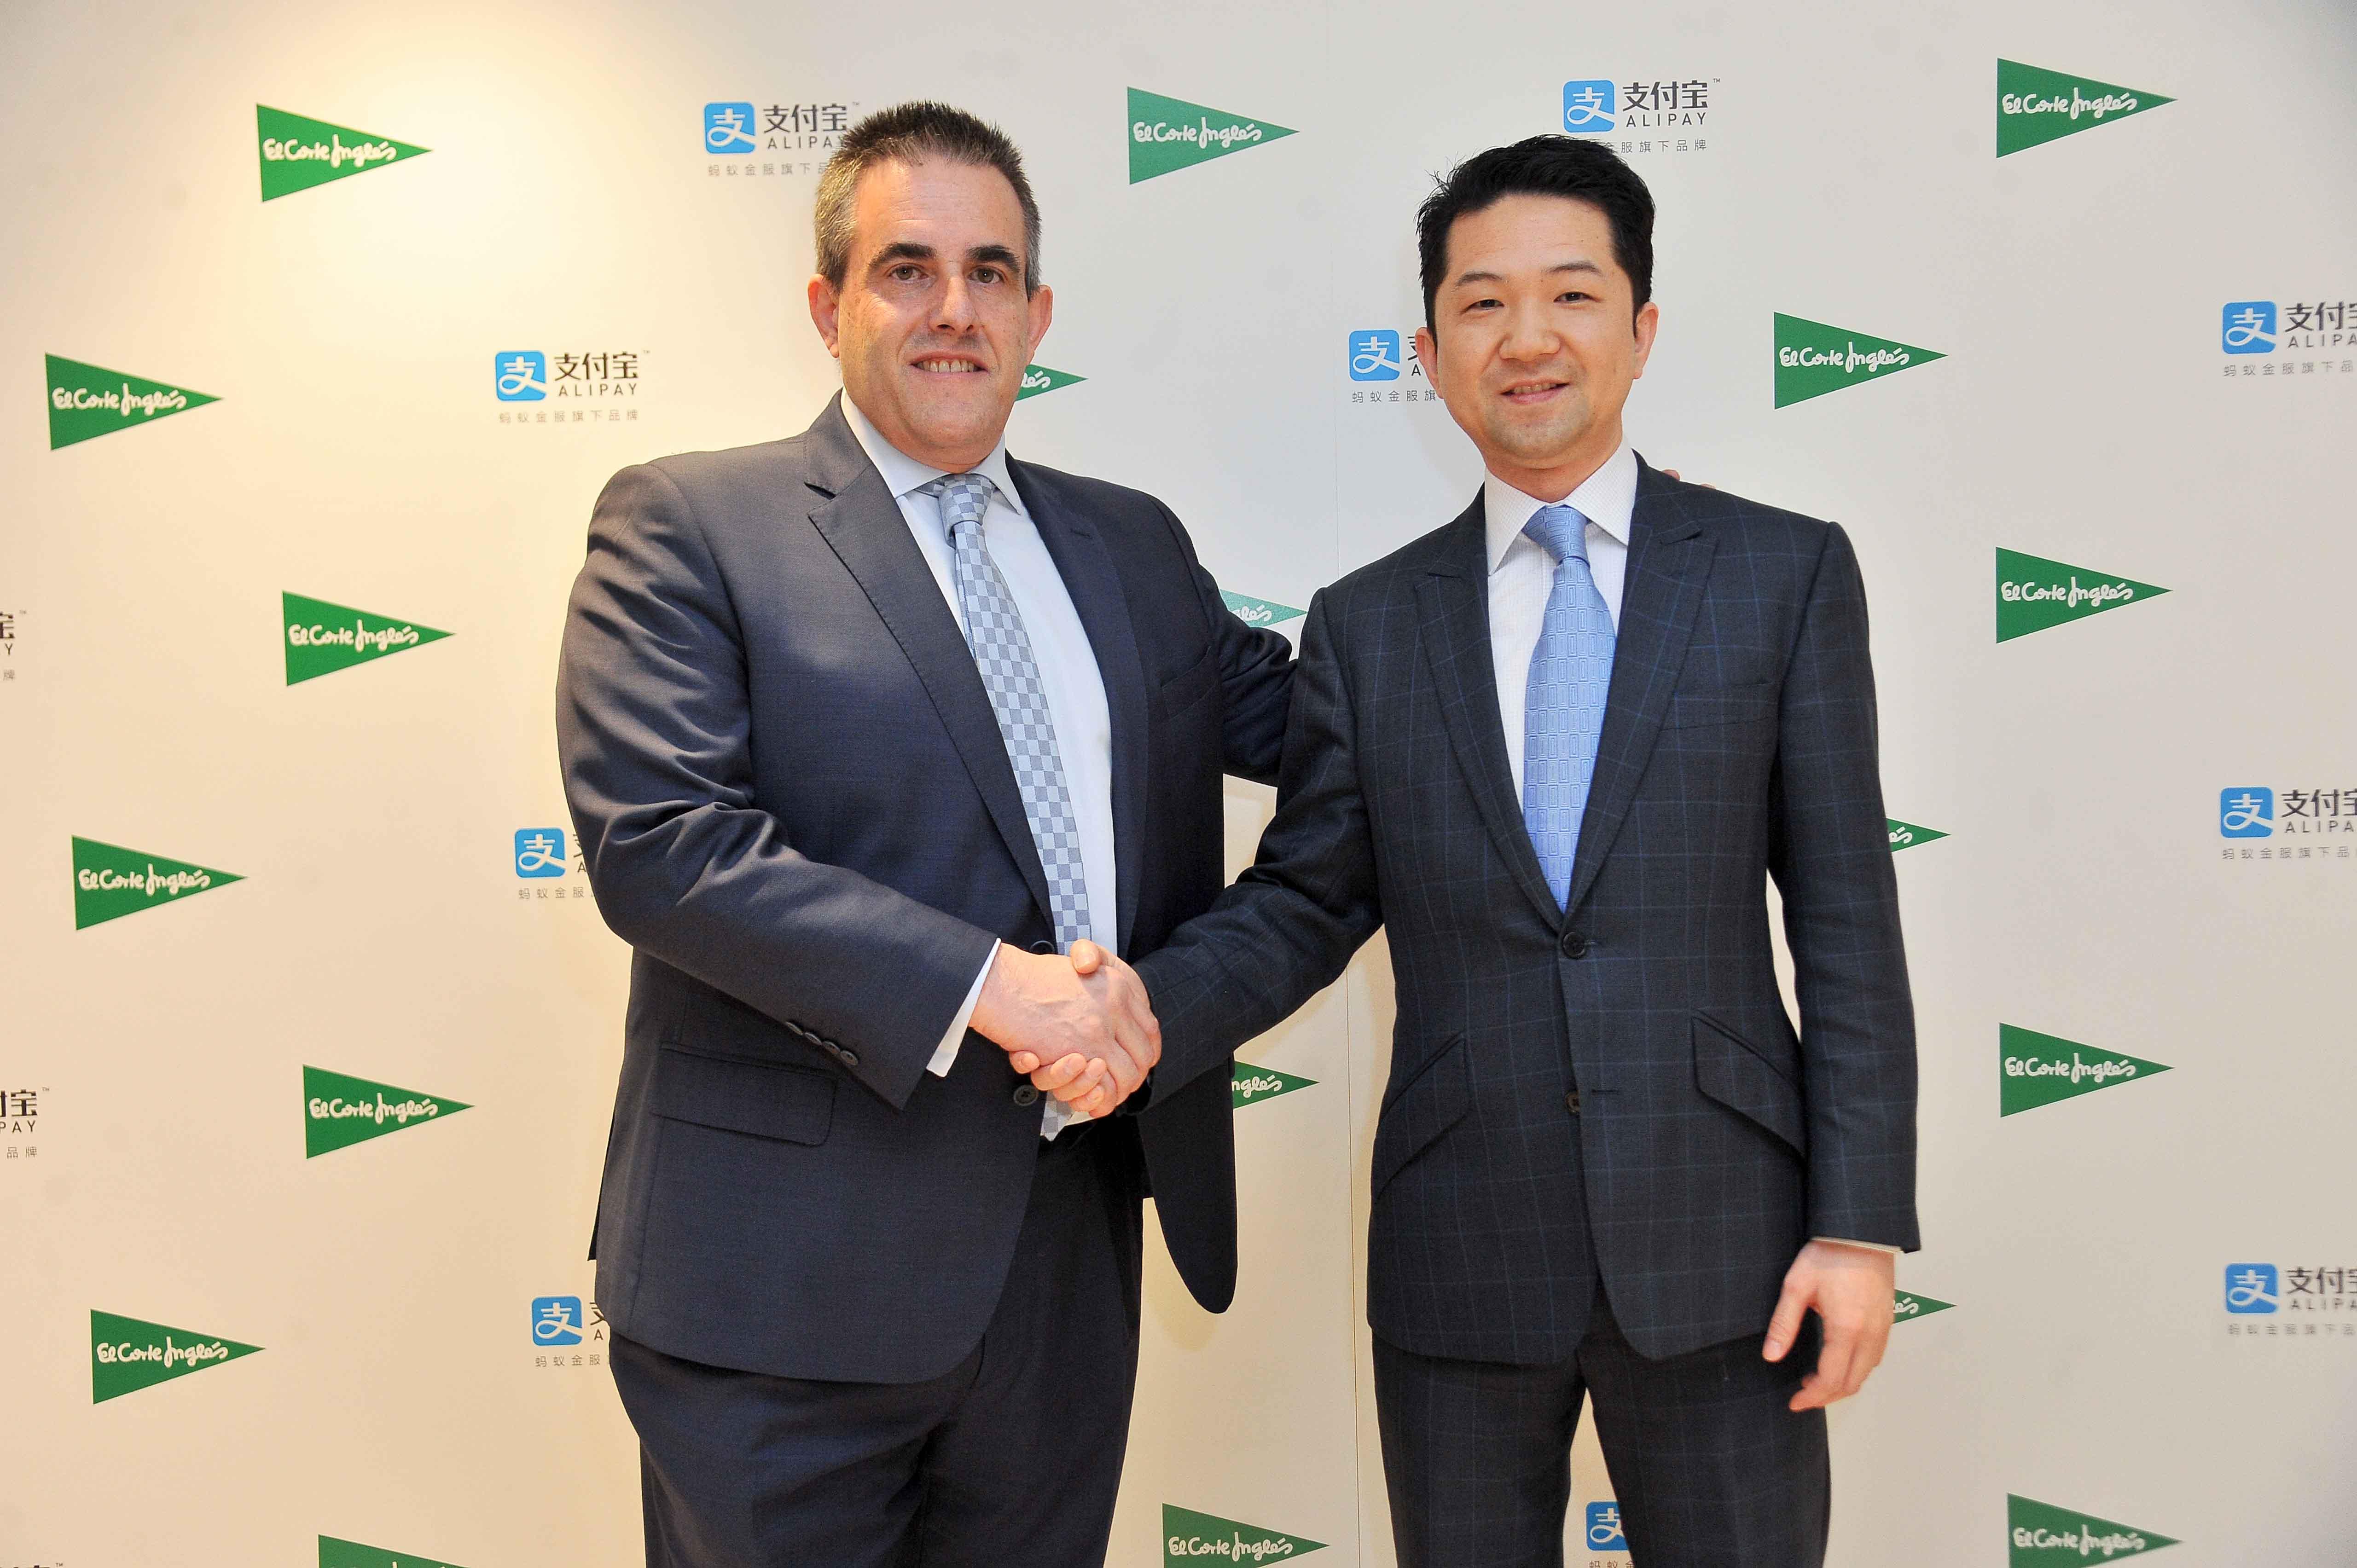 El consejero delegado de El Corte Inglés, Victor del Pozo y el director de desarrollo de negocio de Alipay en EMEA, Tao Tao